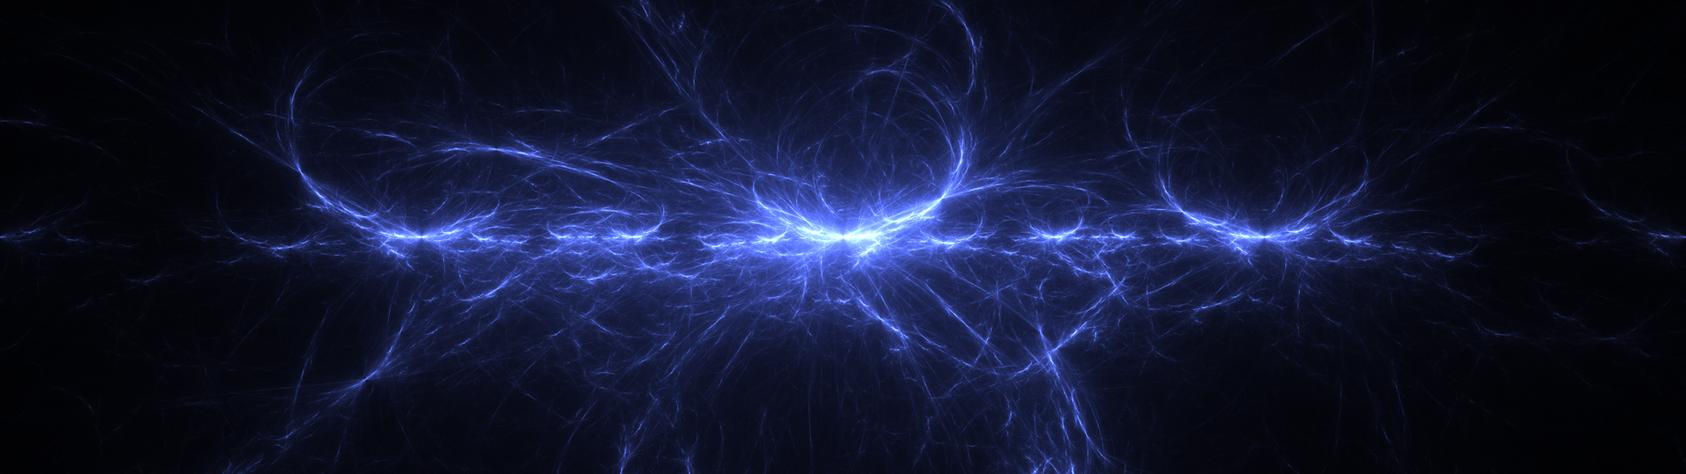 Electrical Storm By Dsvortex On Deviantart